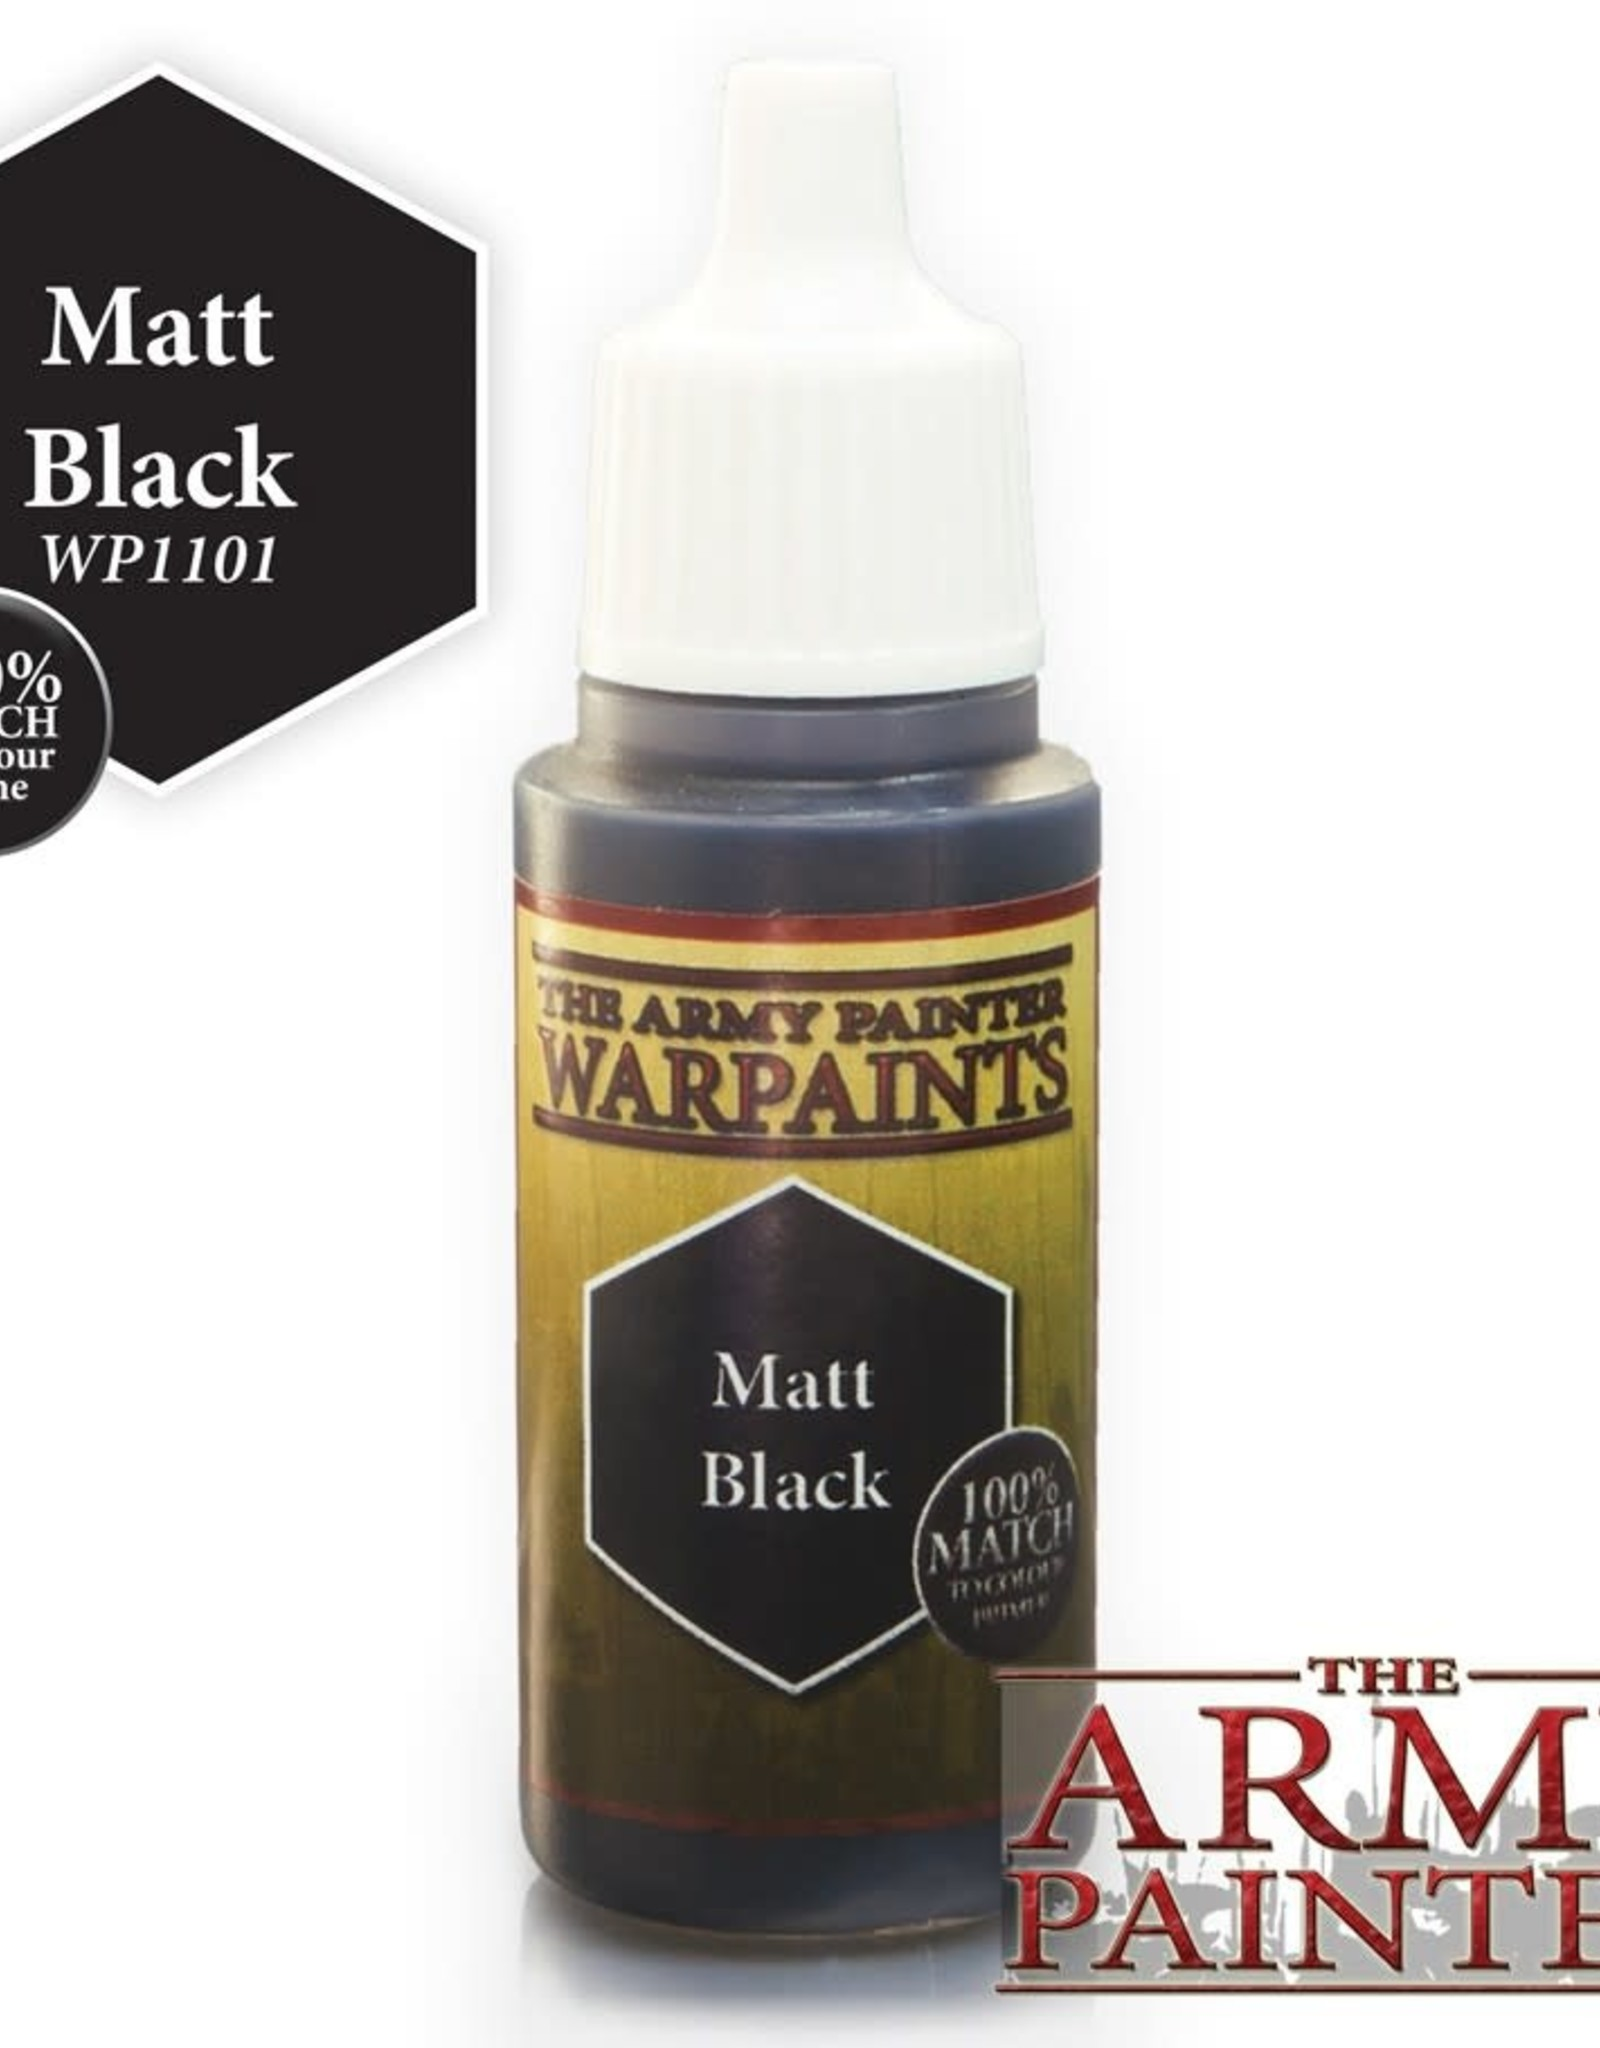 Warpaints: Matt Black 18ml